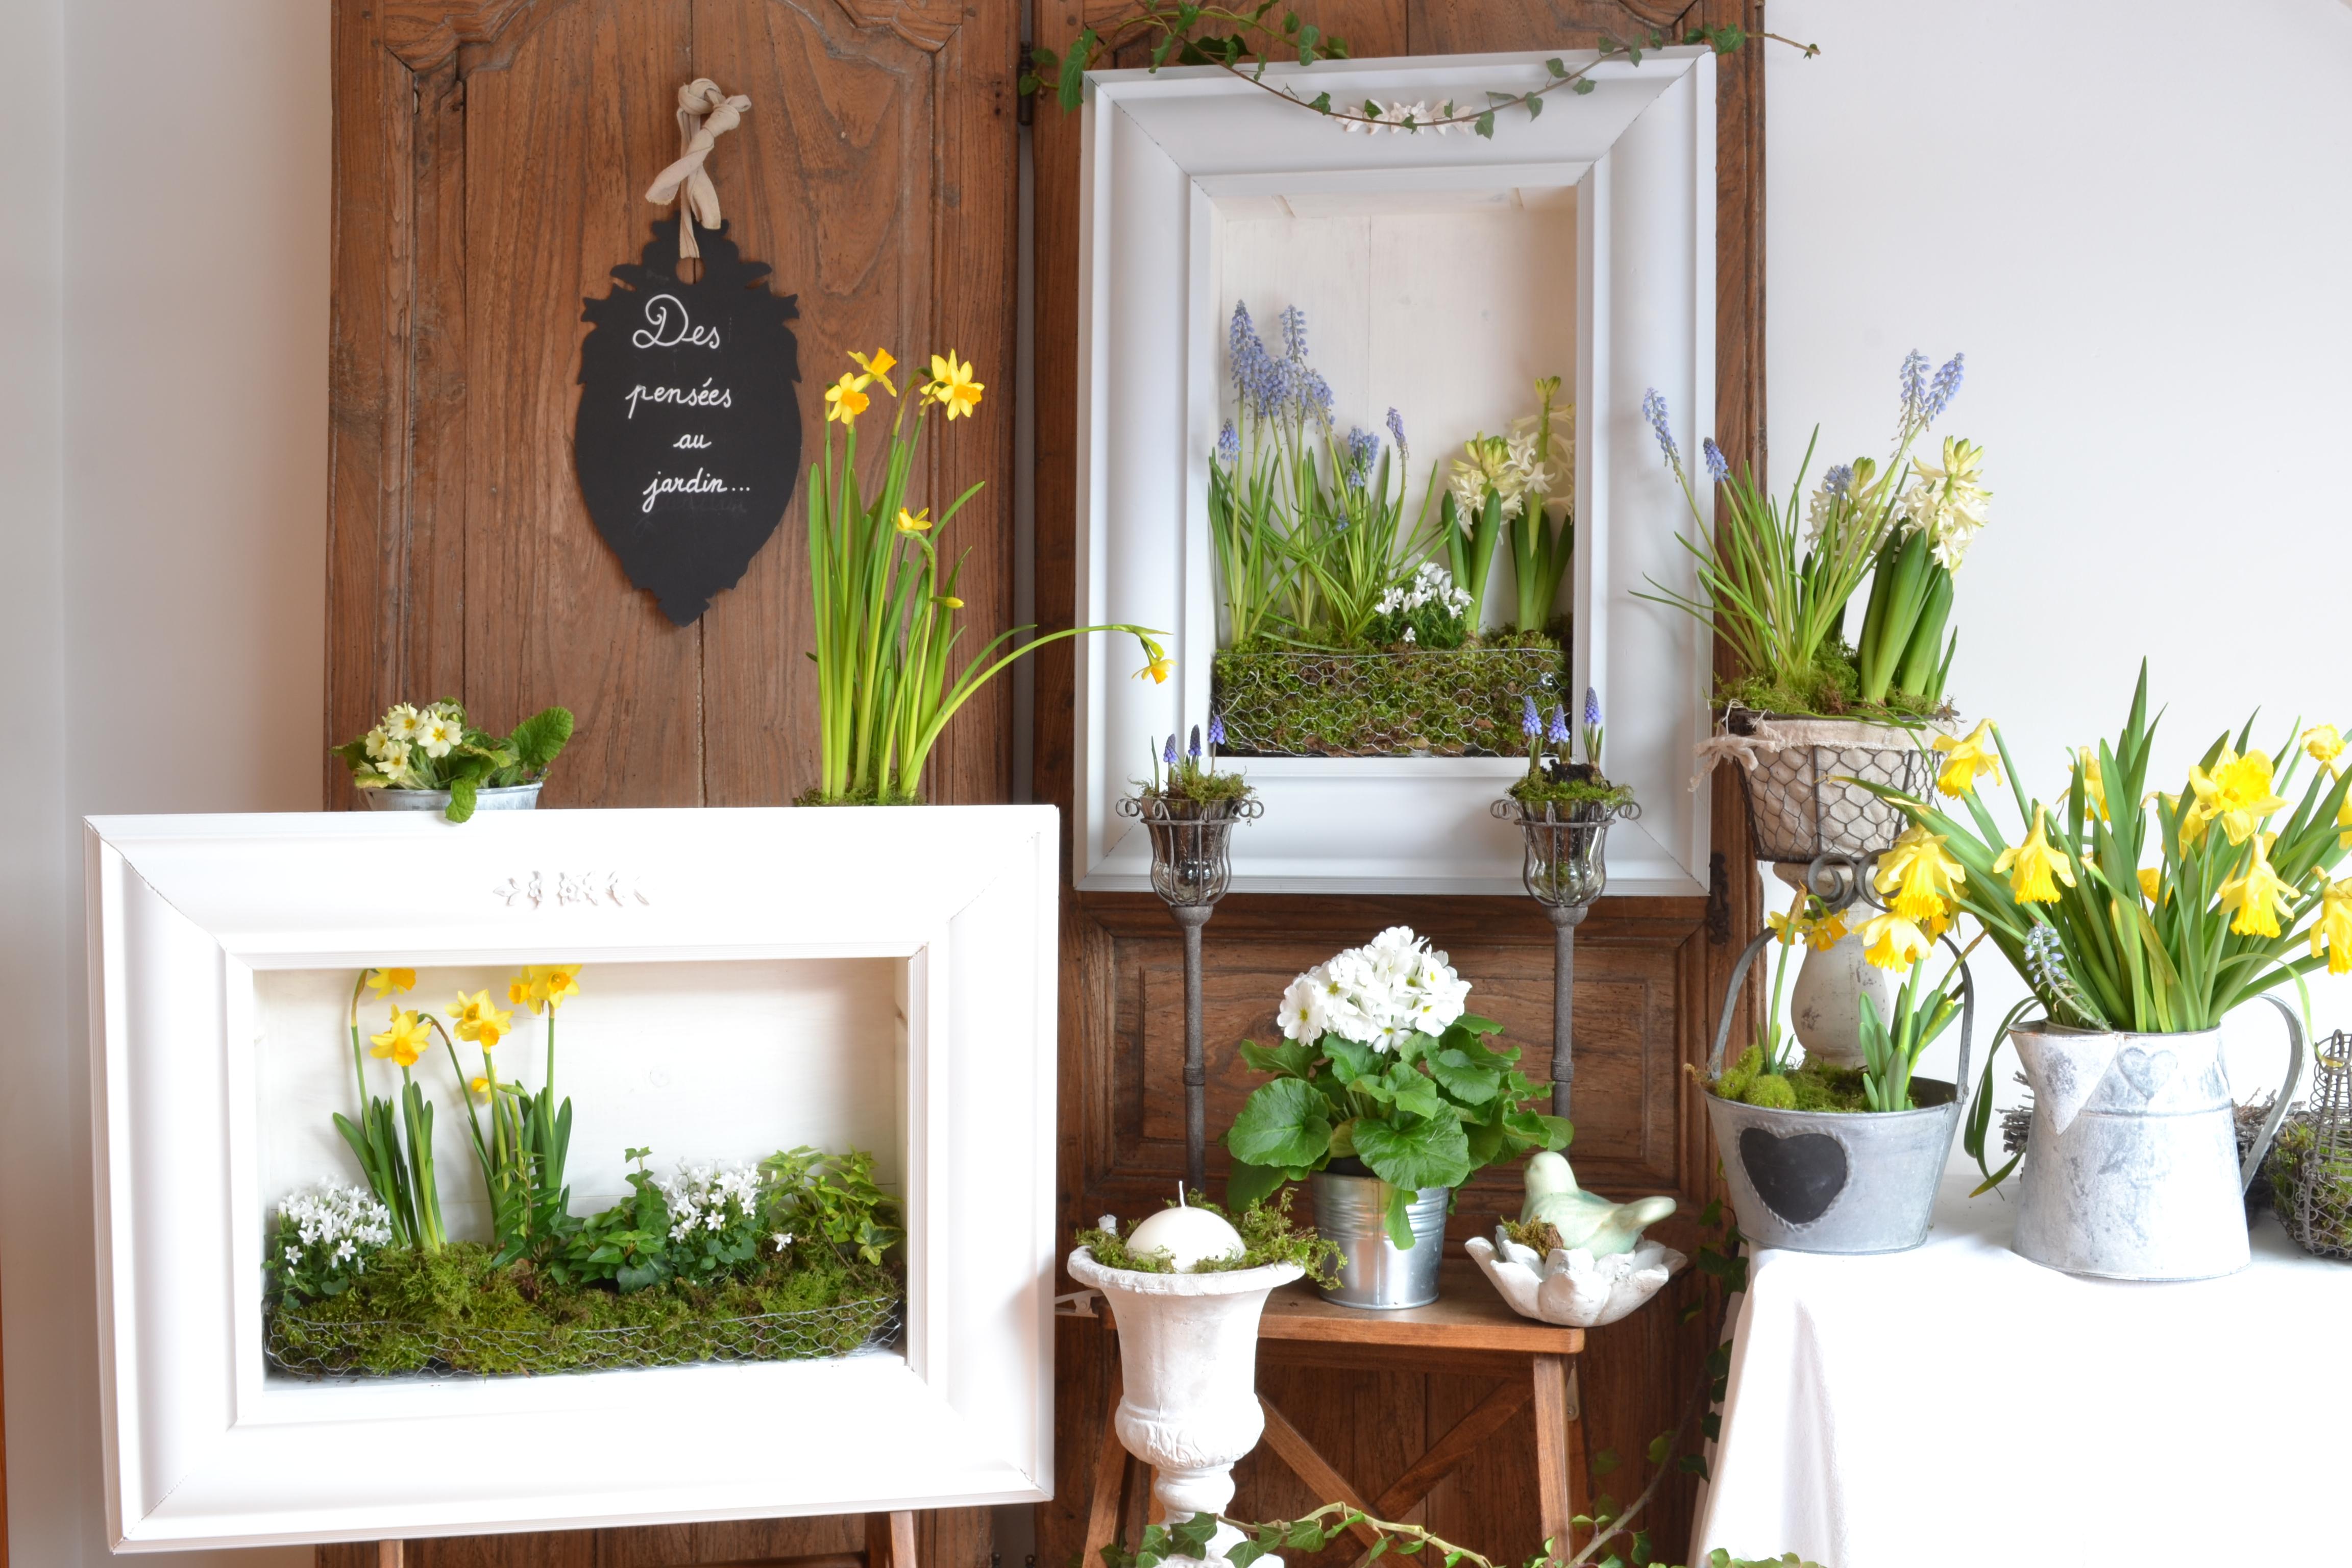 Plantes Pour Tableau Végétal Intérieur diy : tableau végétal à renouveler au gré des saisons. | des